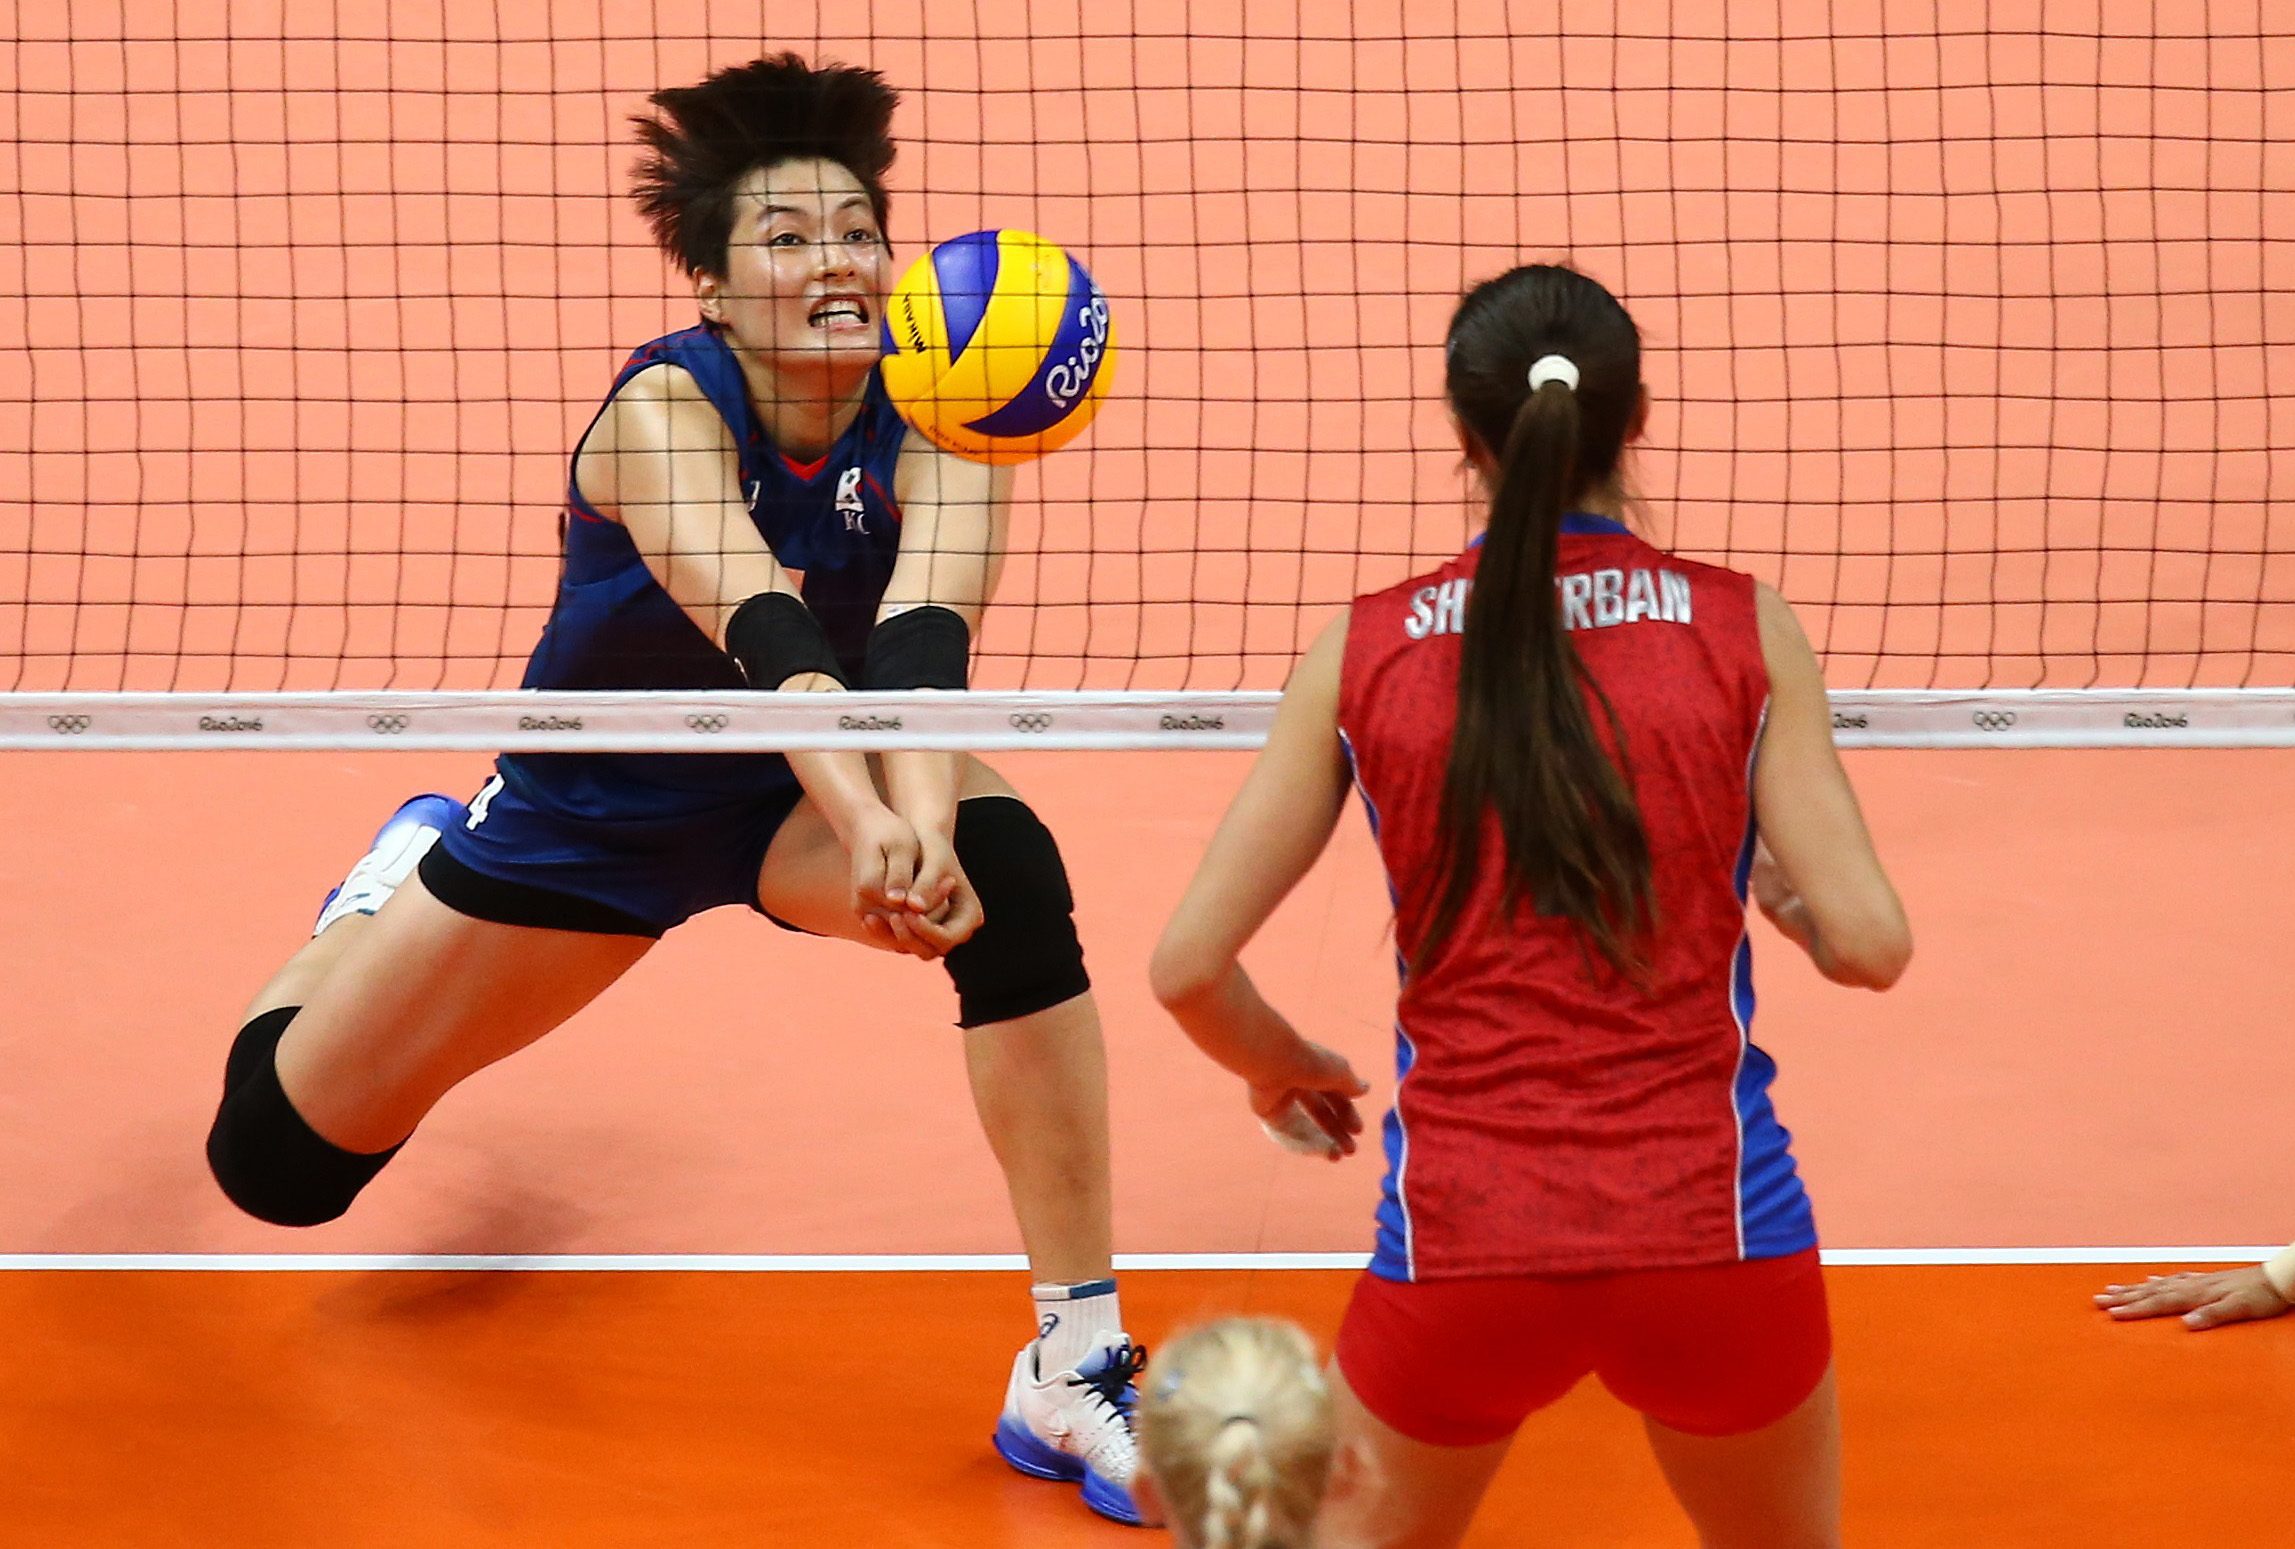 Олимпиада волейбол мужчины 29 фотография